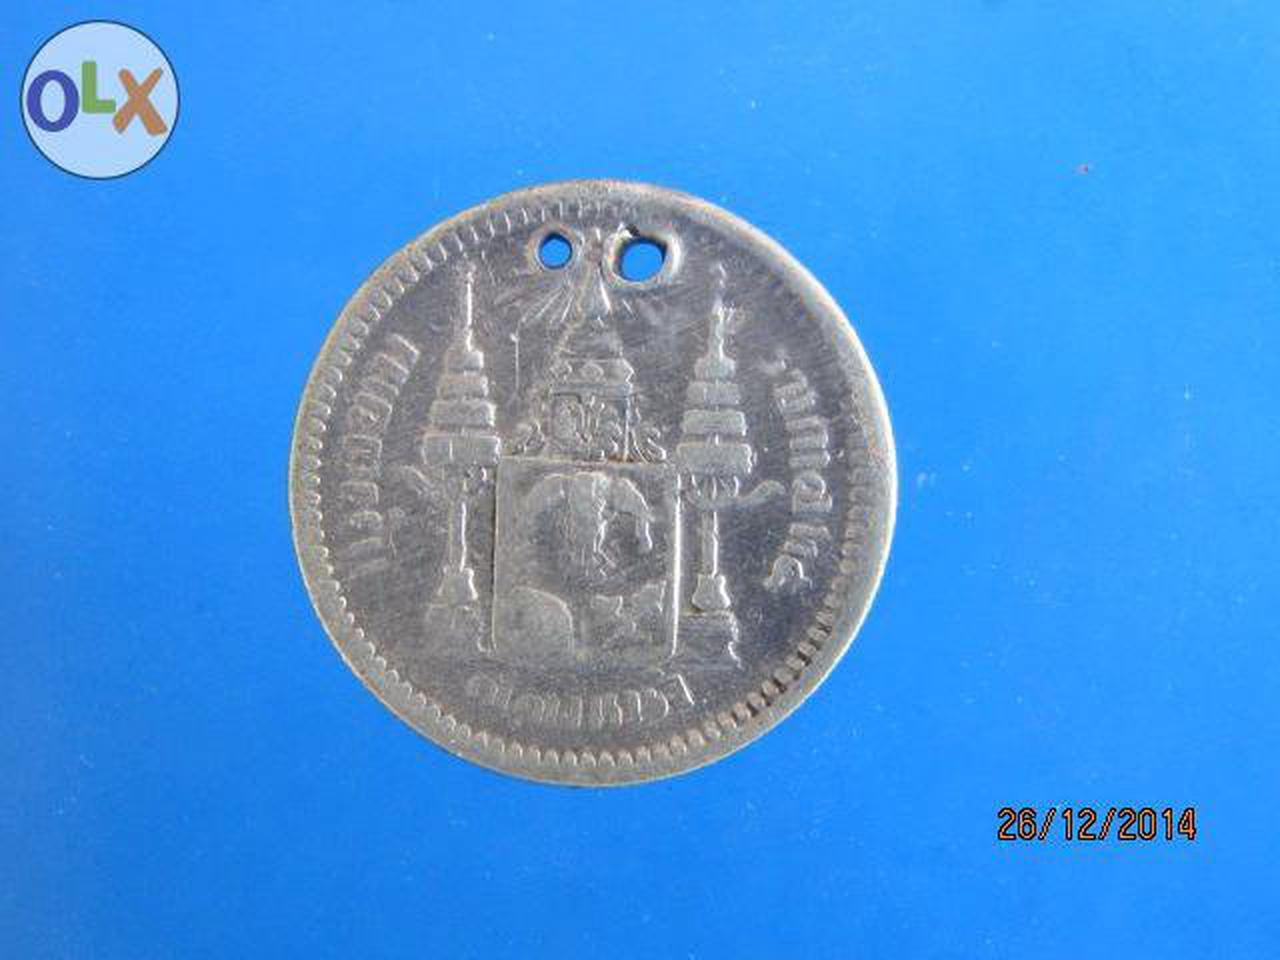 940 เหรียญ ร.5 สลึงหนึ่ง เนื้อเงิน กรุงสยาม รูปที่ 1